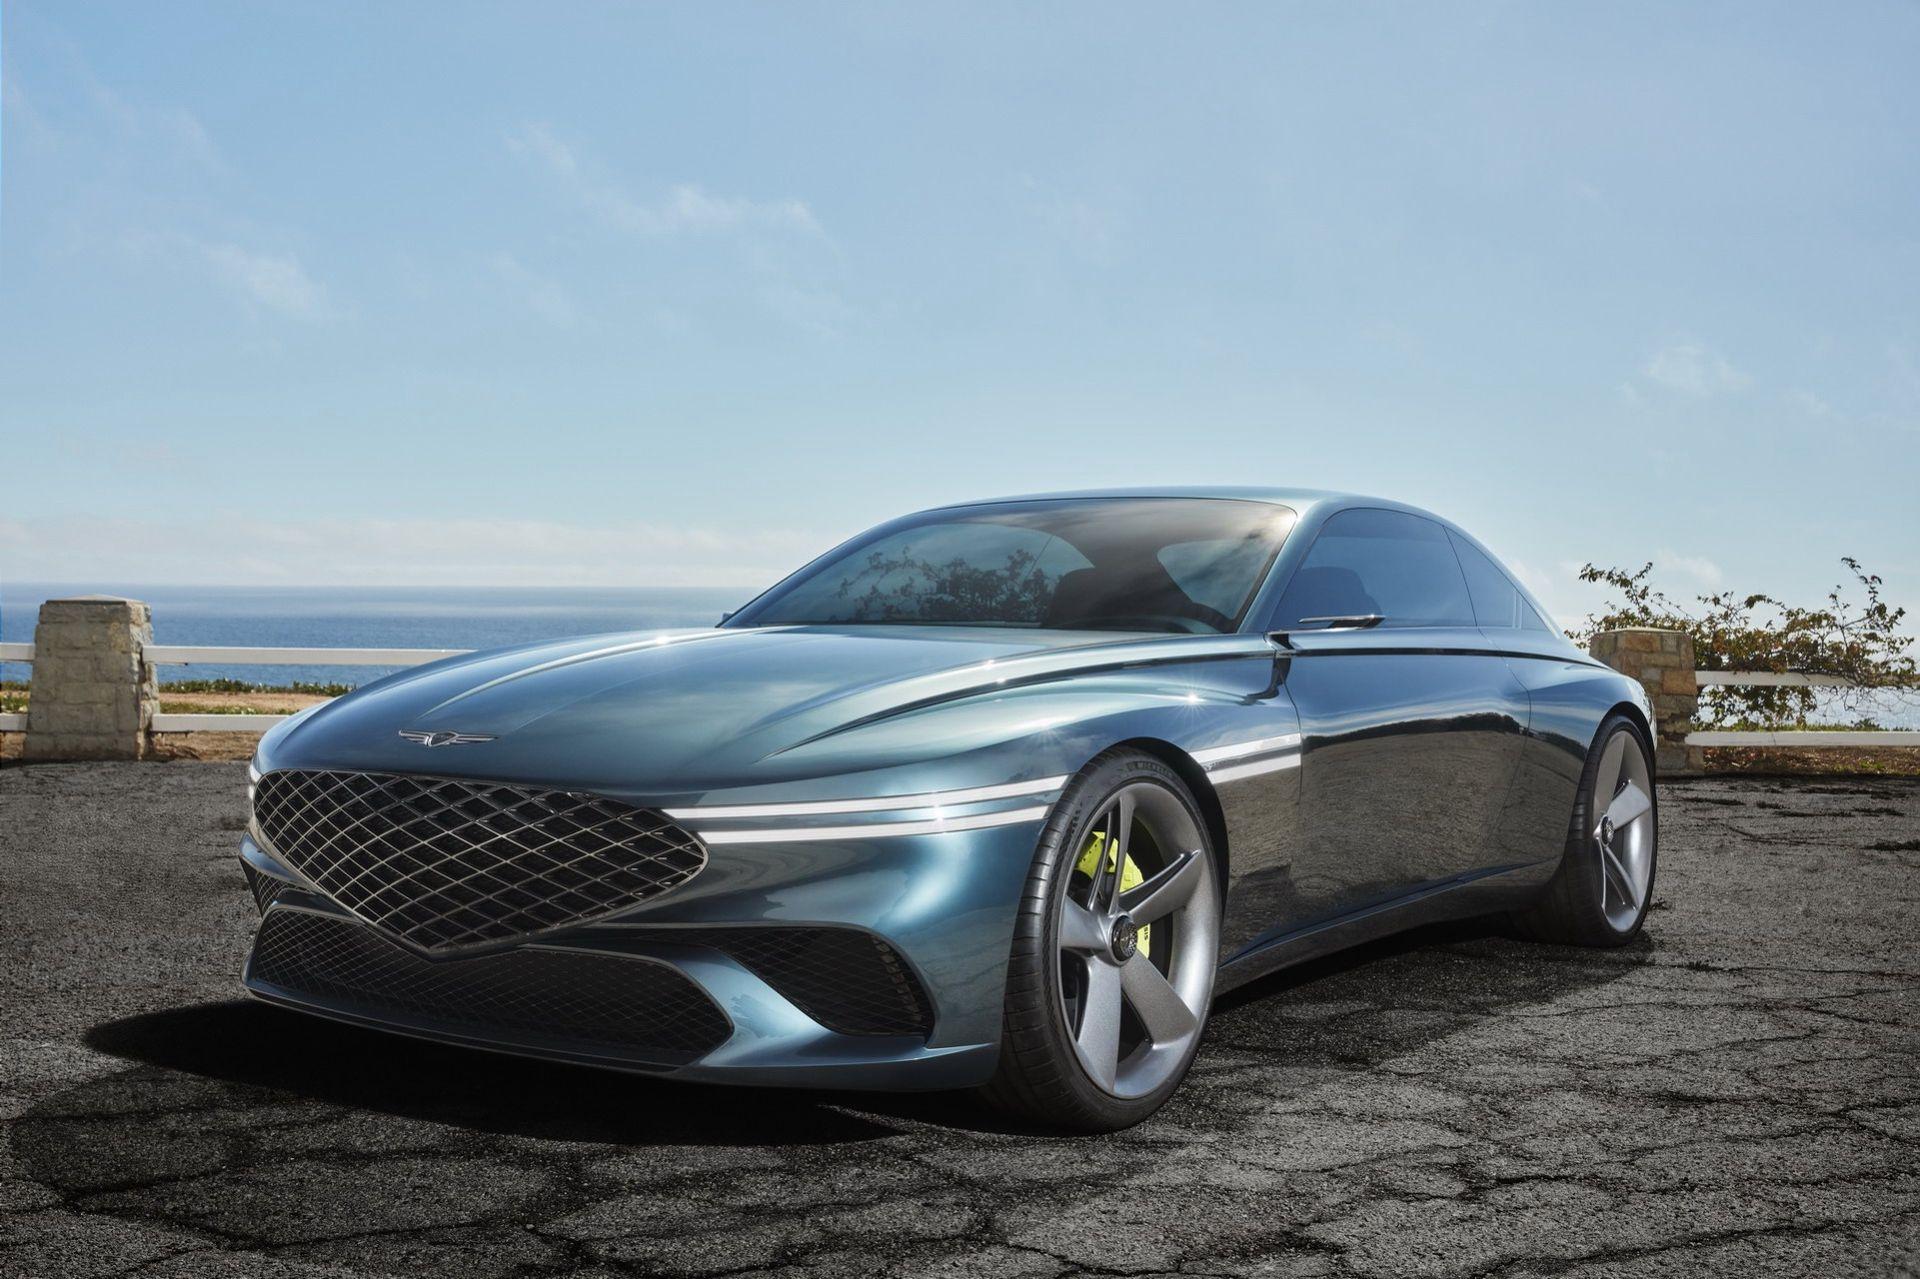 Det här är konceptbilen Genesis X